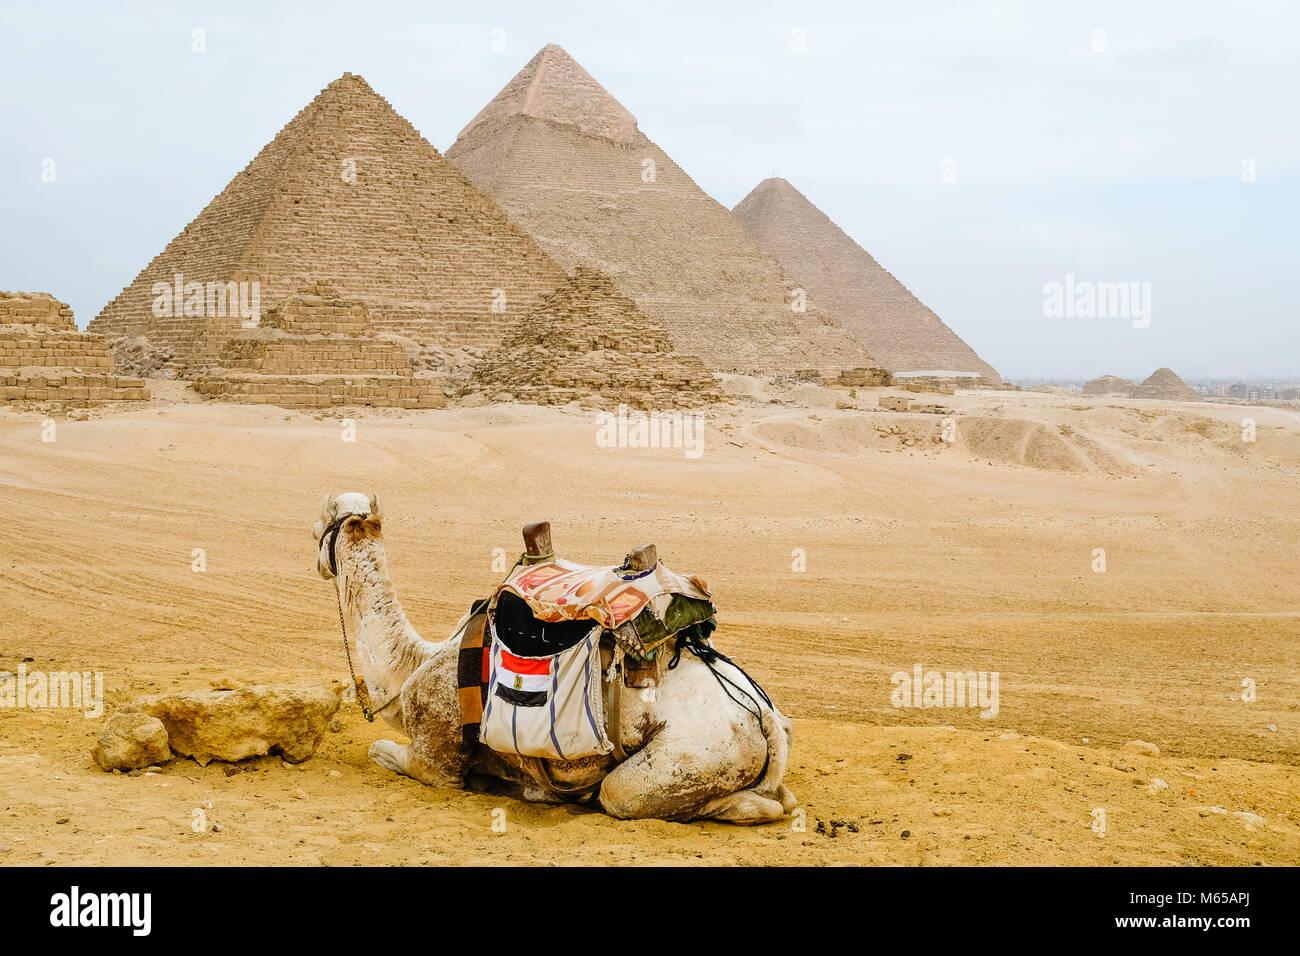 Camel sentado delante de las pirámides en El Cairo Imagen De Stock